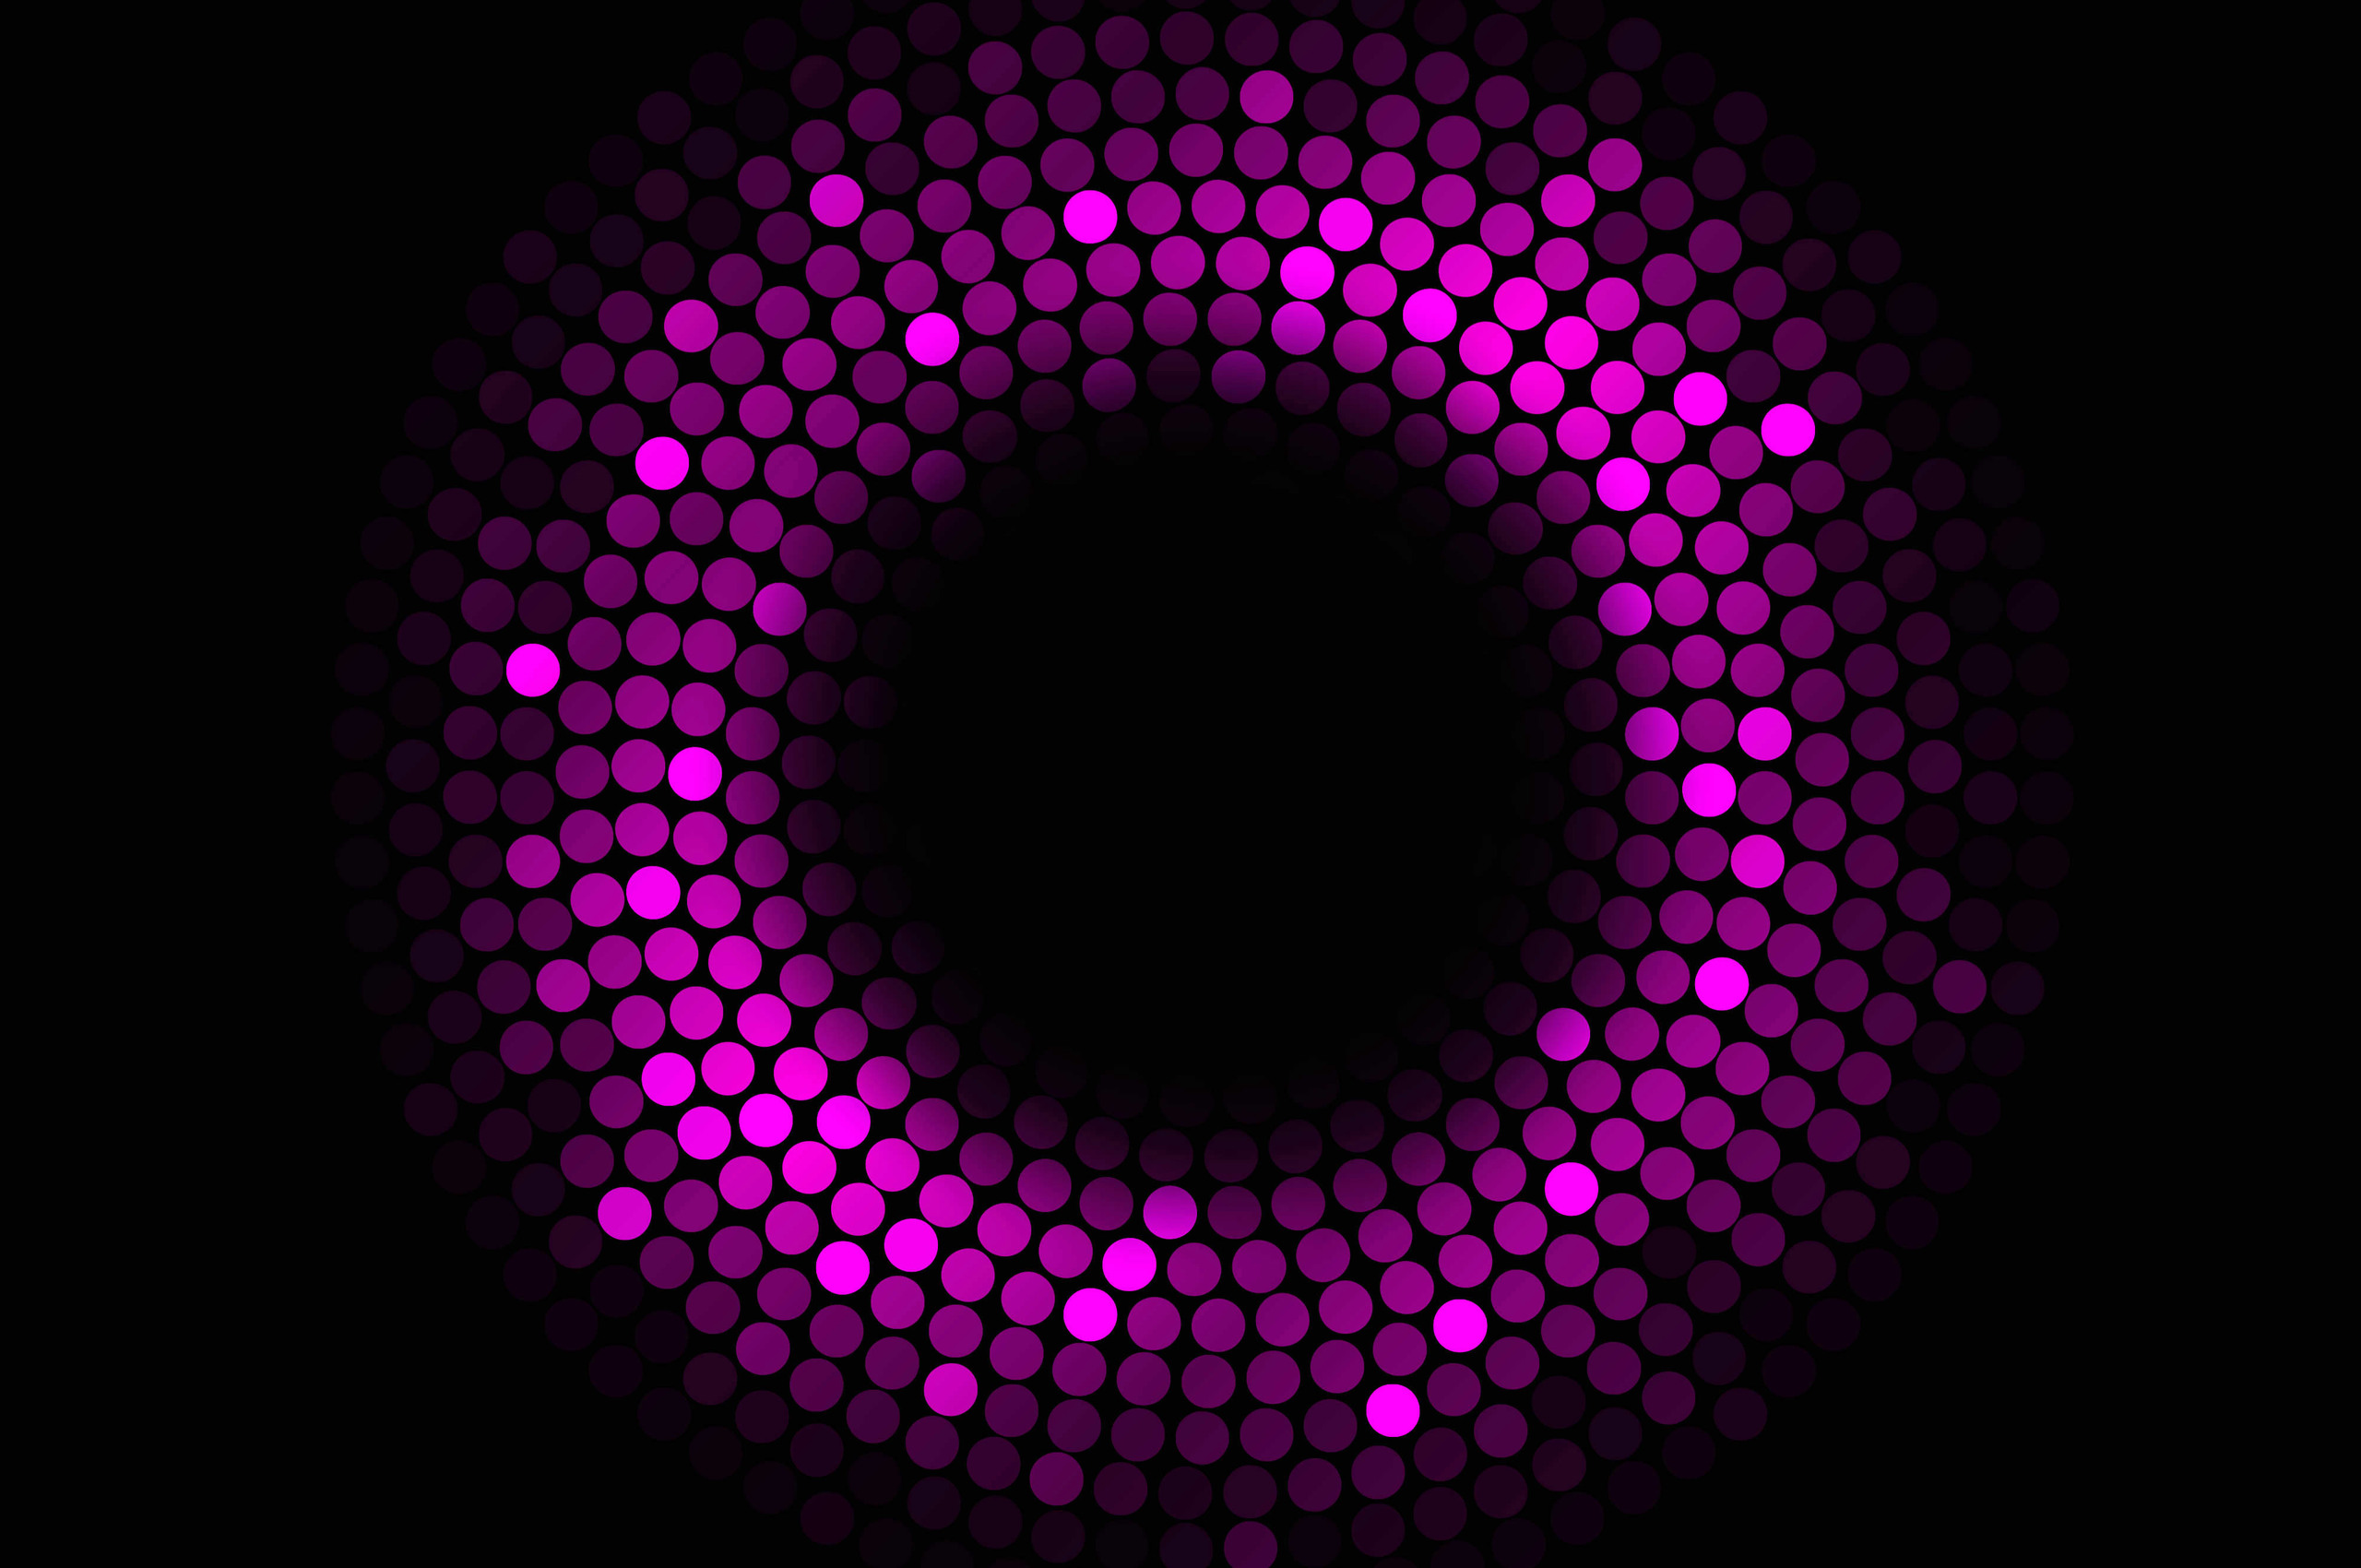 abstract-circles-violet-4k-jd.jpg